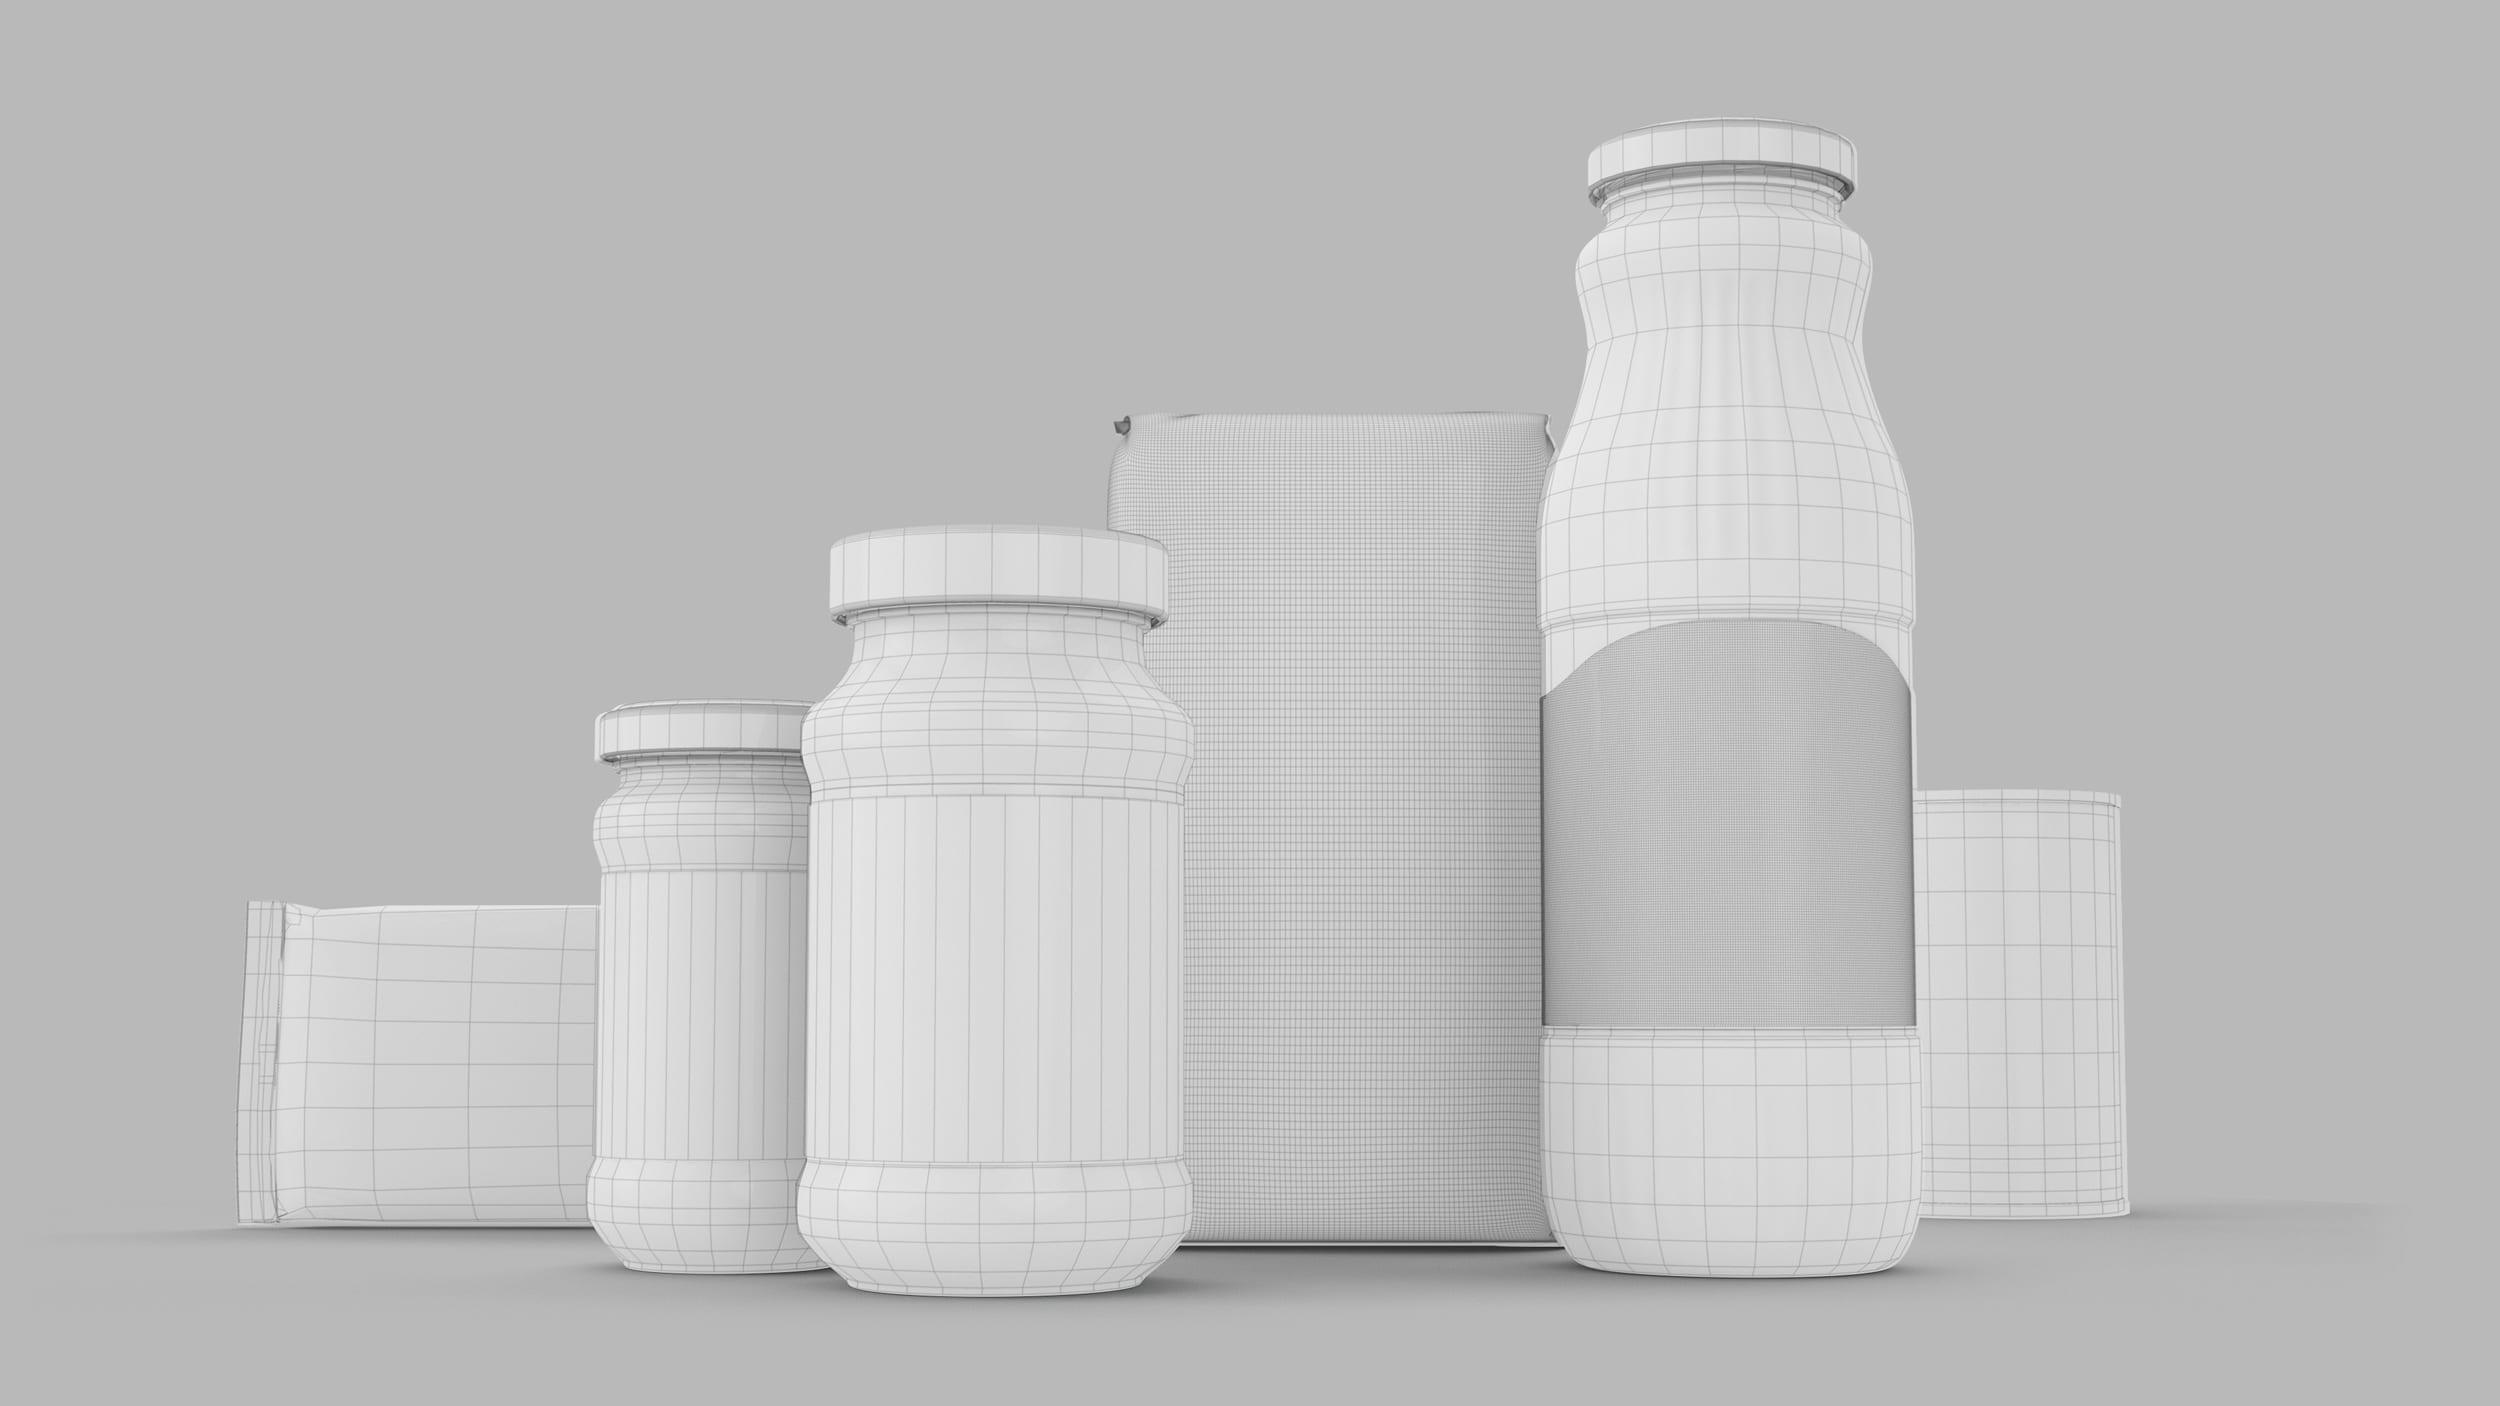 NOVAD-Un-Real-packshots-digitaal-3D-Merkvisuals